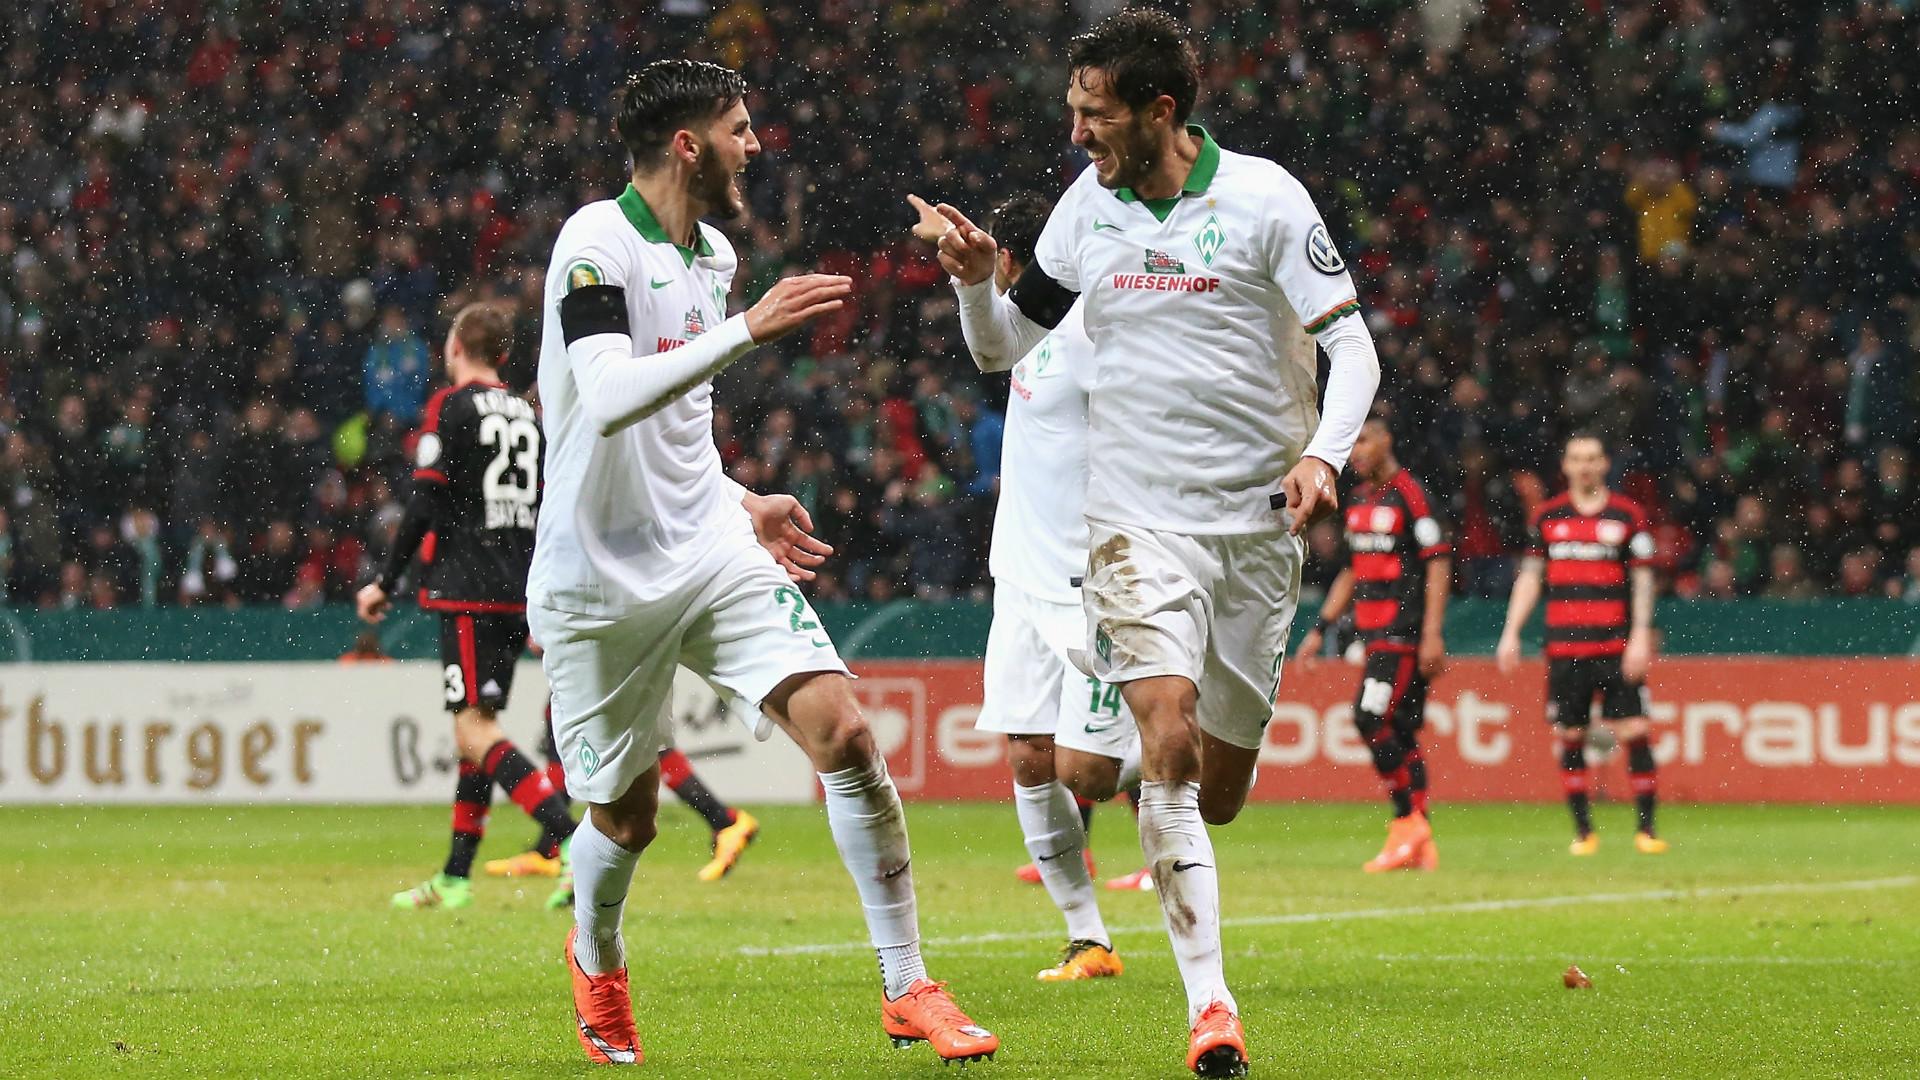 Santiago Garcia Bayer Leverkusen Werder Bremen DFB Pokal 09022016